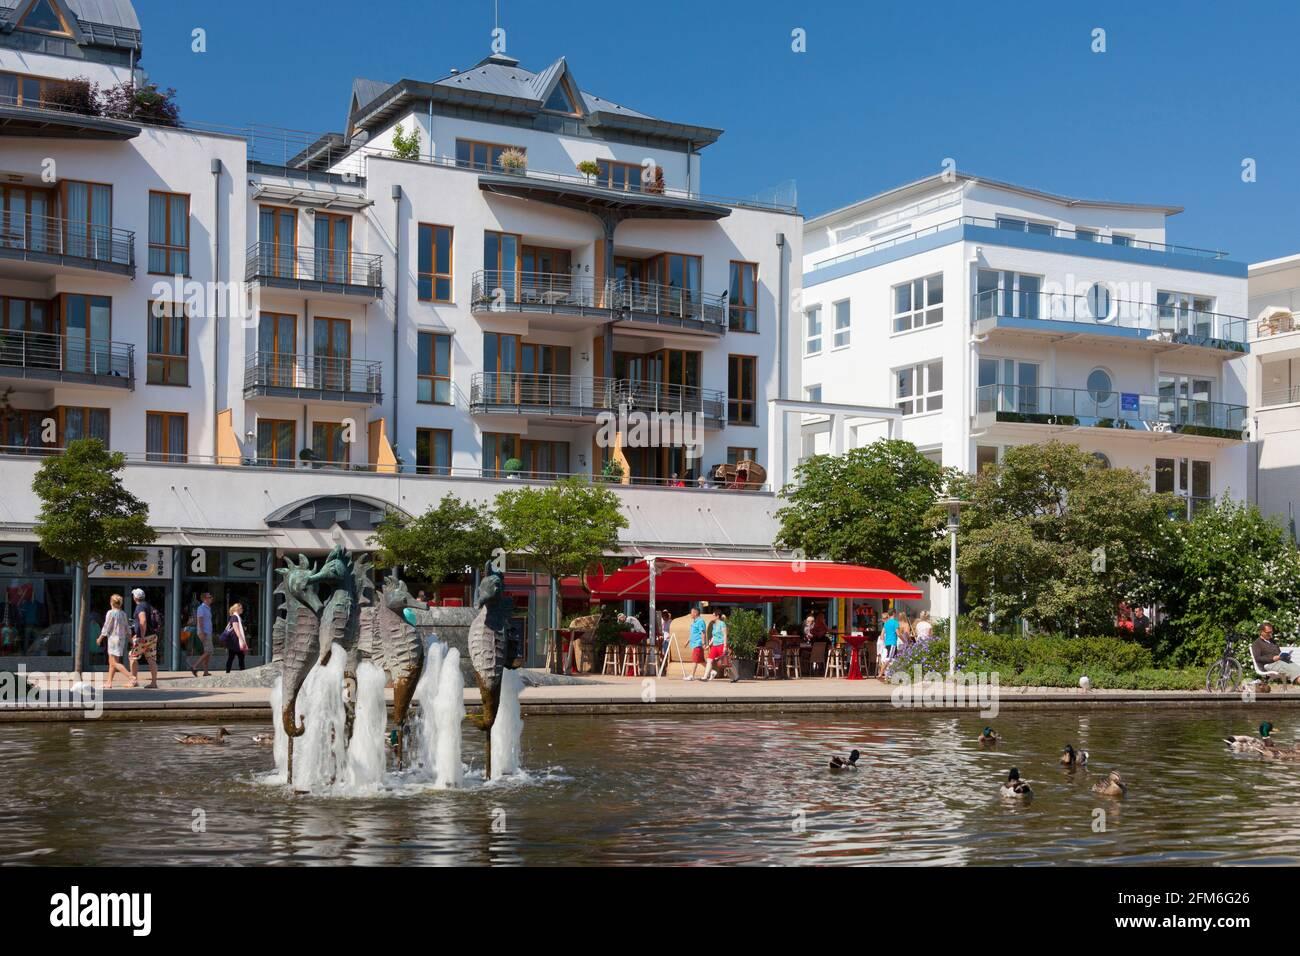 Promenade mit Geschäften und Apartments am Timmendorfer Strand / Timmendorfer Strand entlang der Ostsee, Ostholstein, Schleswig-Holstein, Deutschland Stockfoto